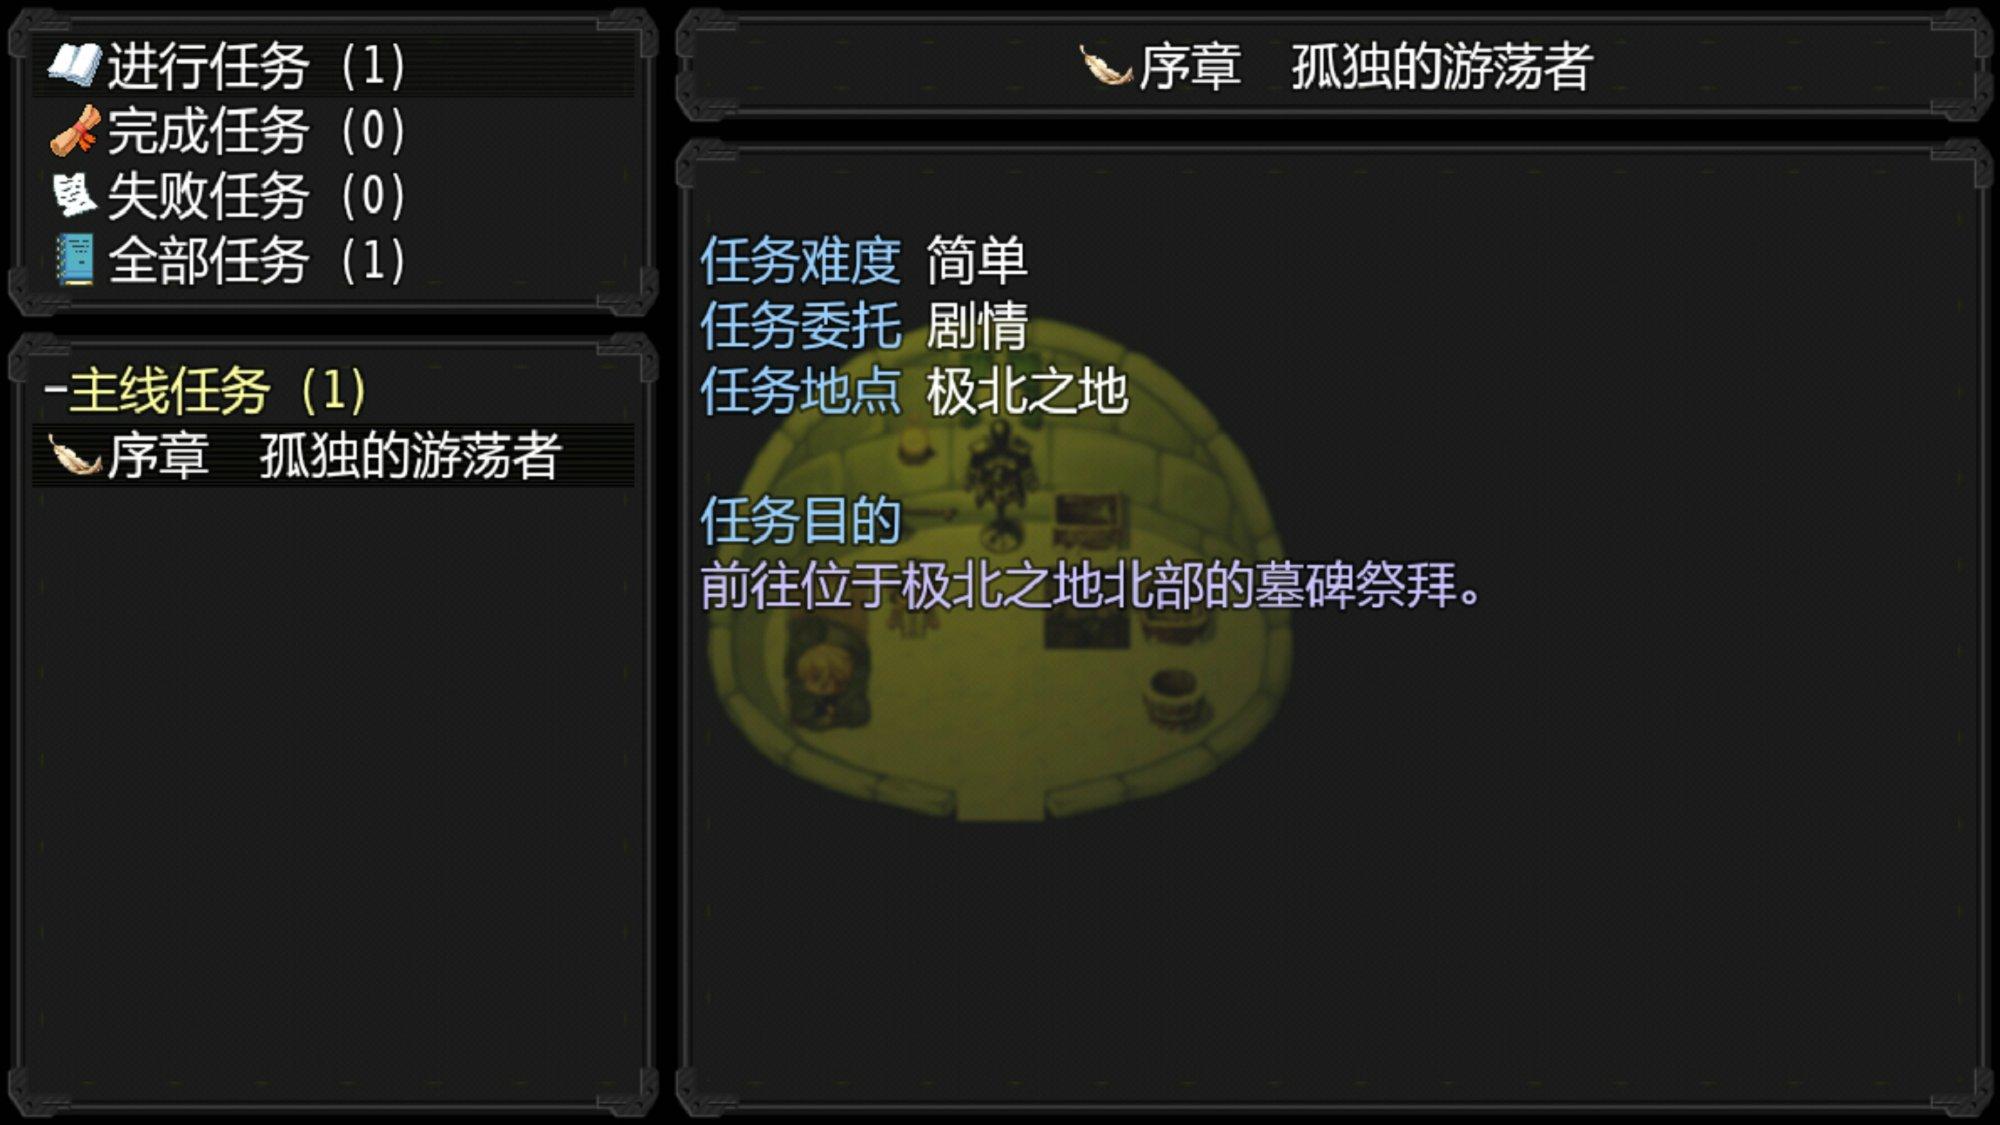 祛魅入灭 v1.3.2截图